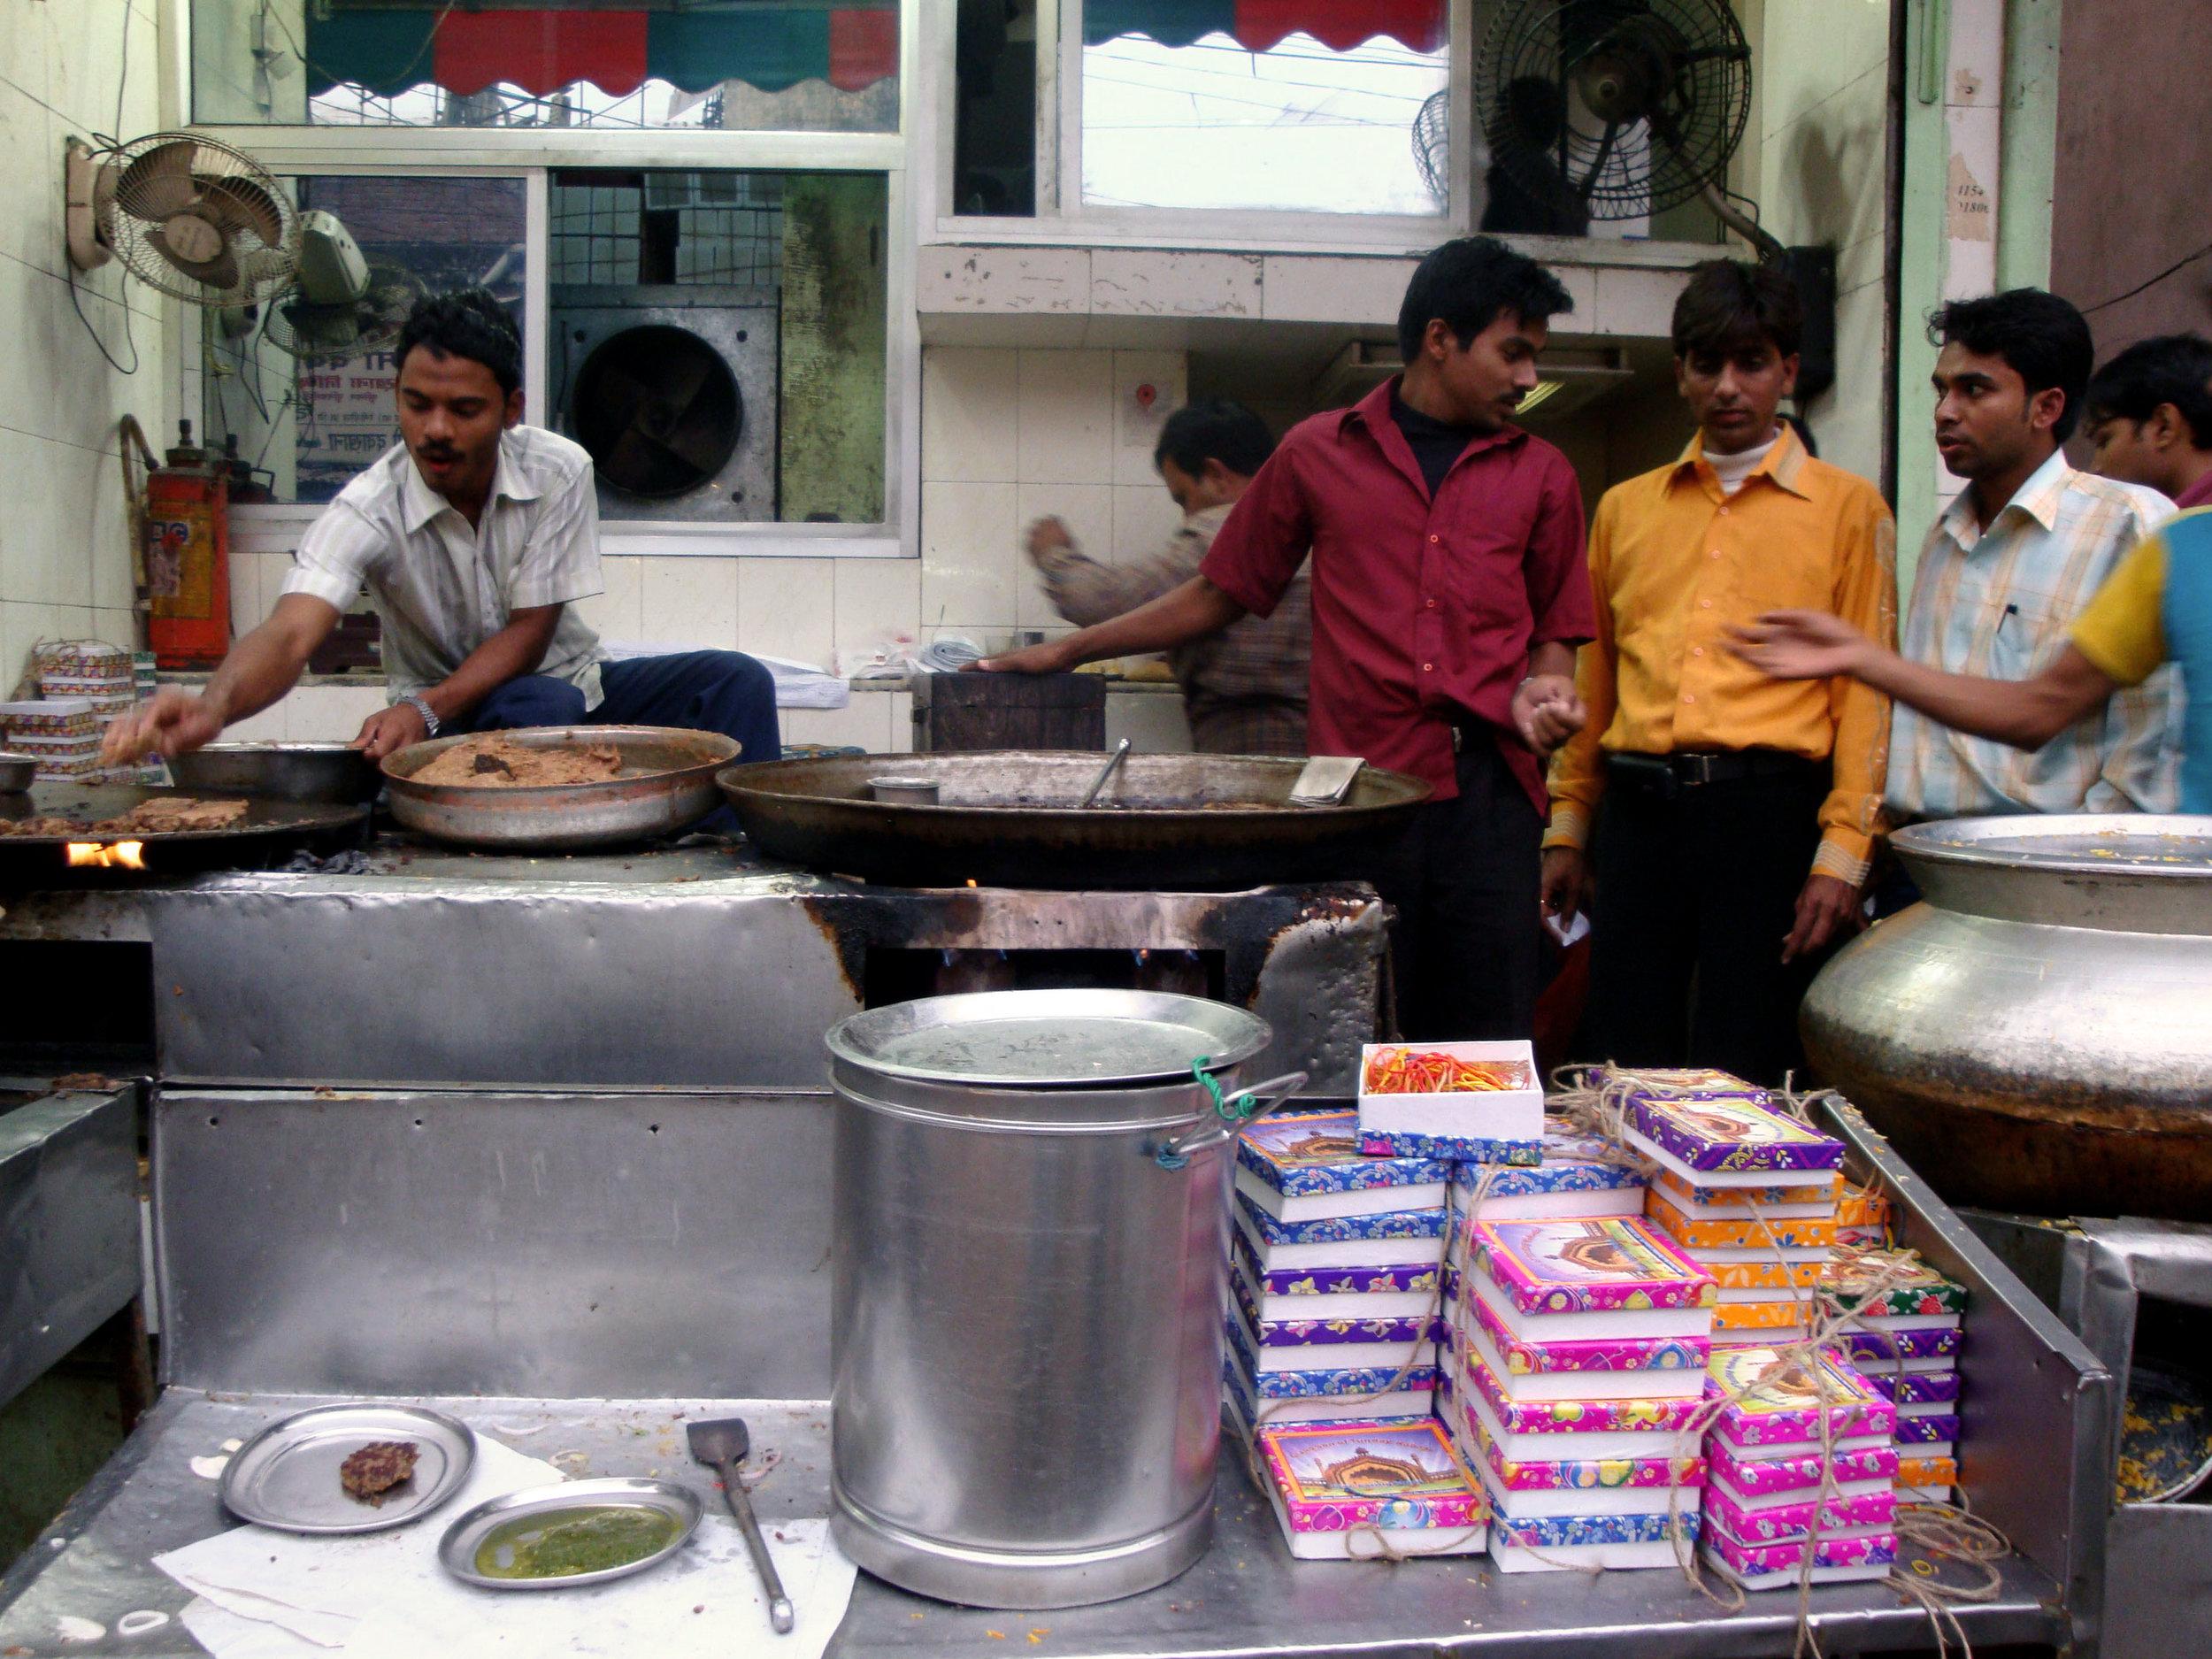 tundei kababi lucknow food beef